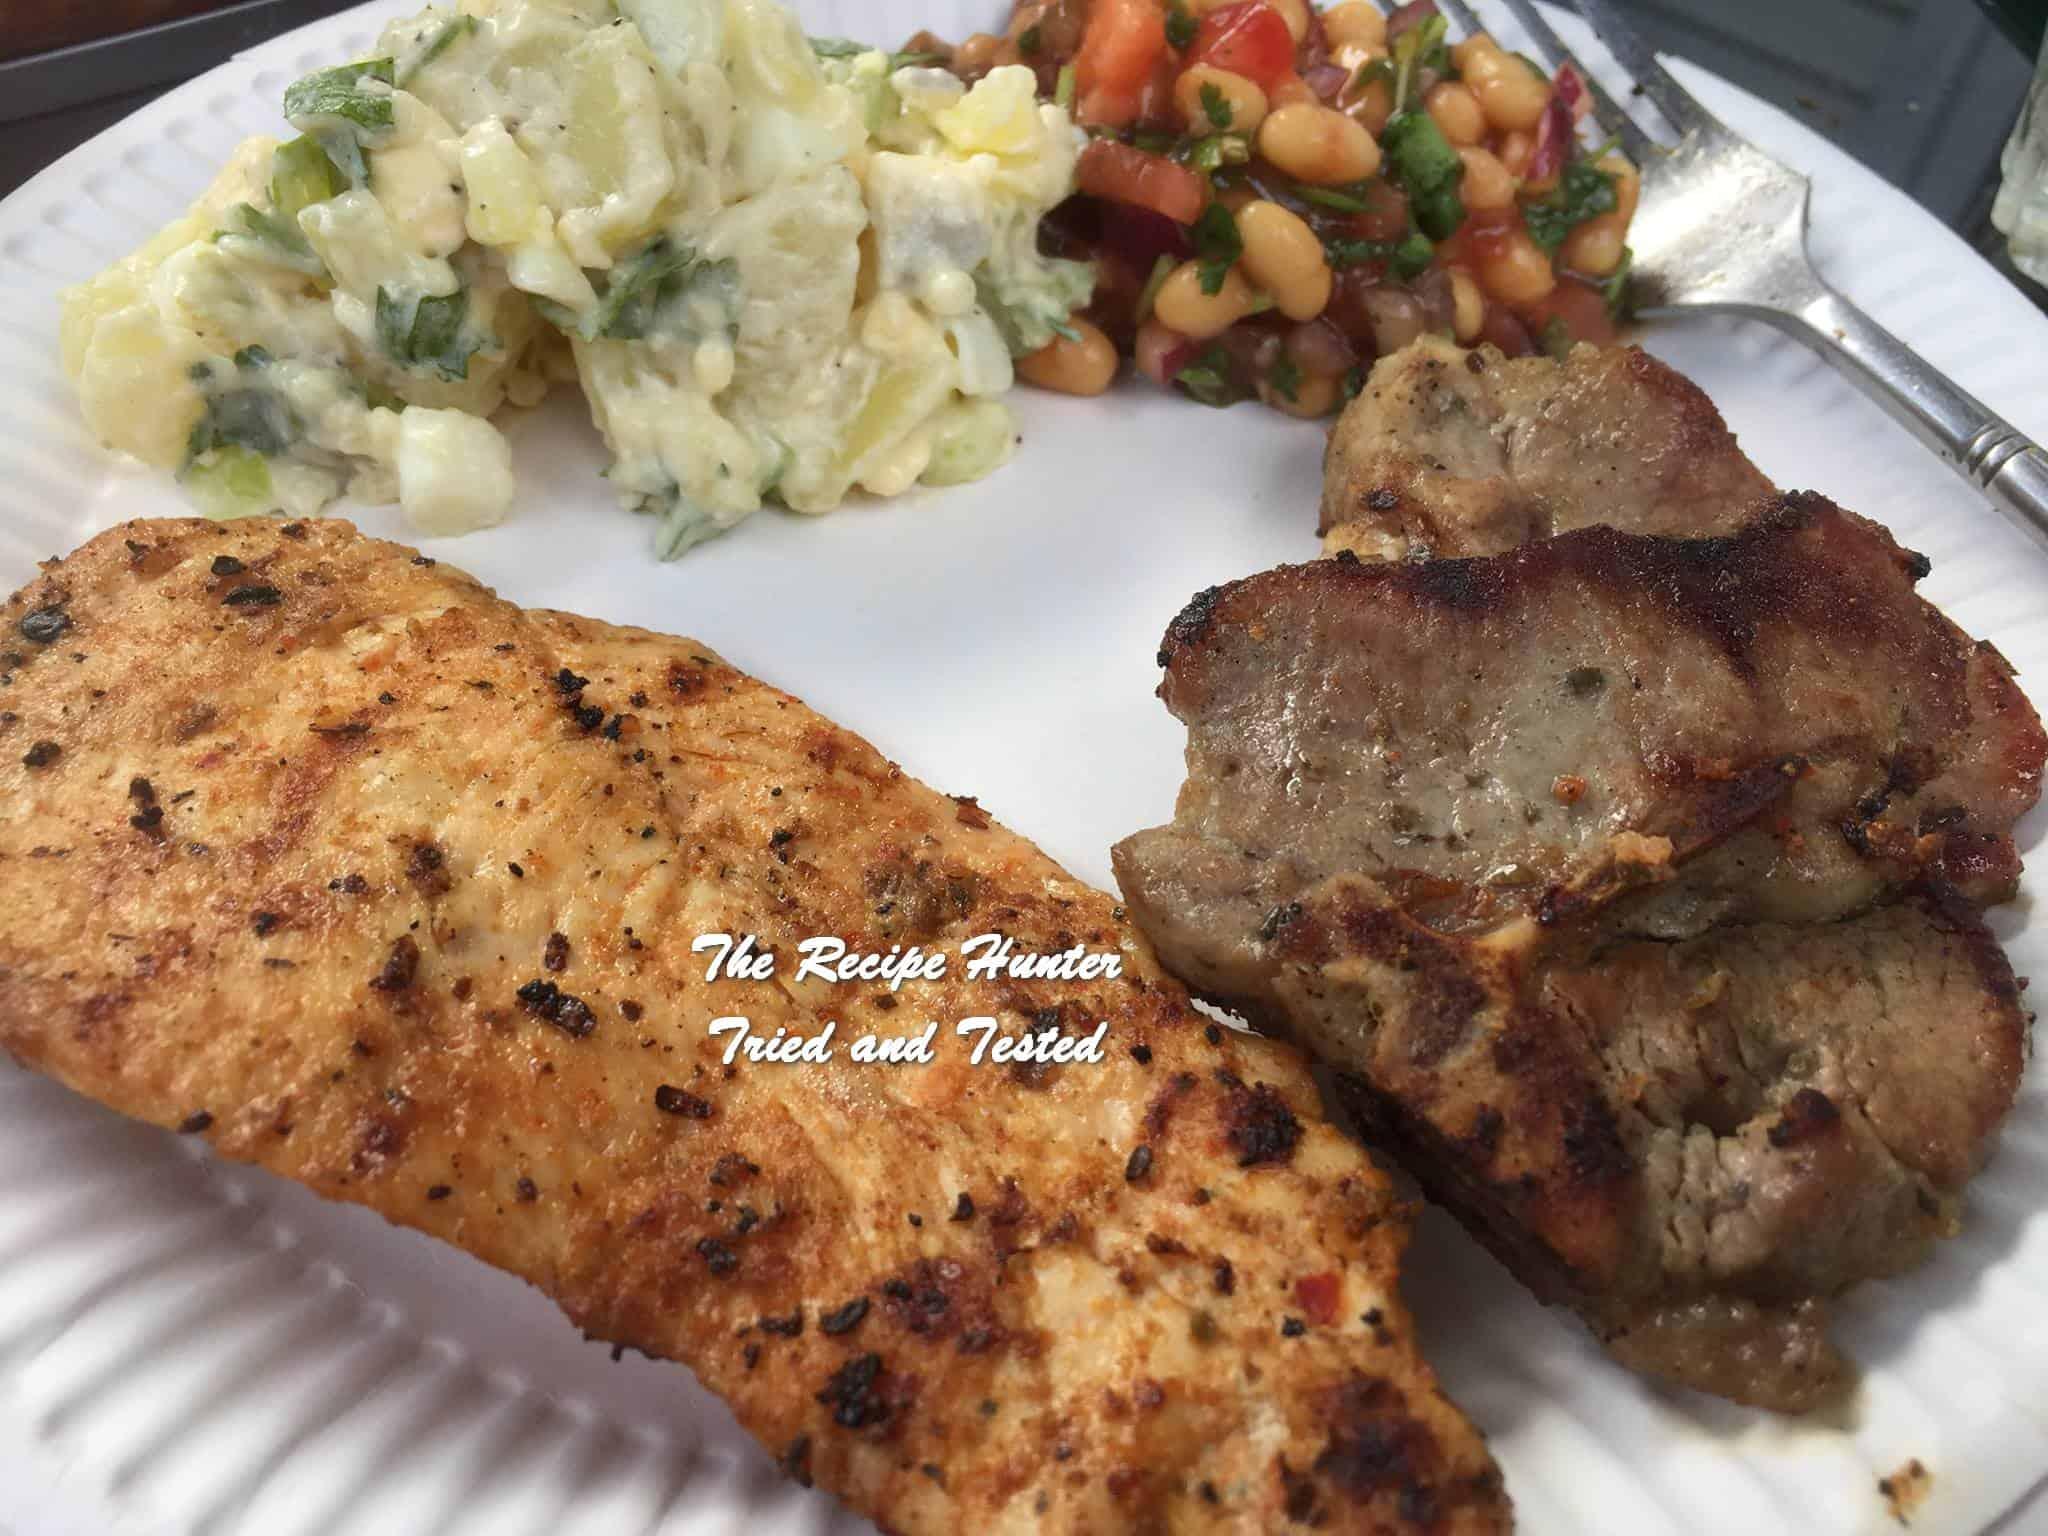 TRH Preshana' s BBQ Lamb chops